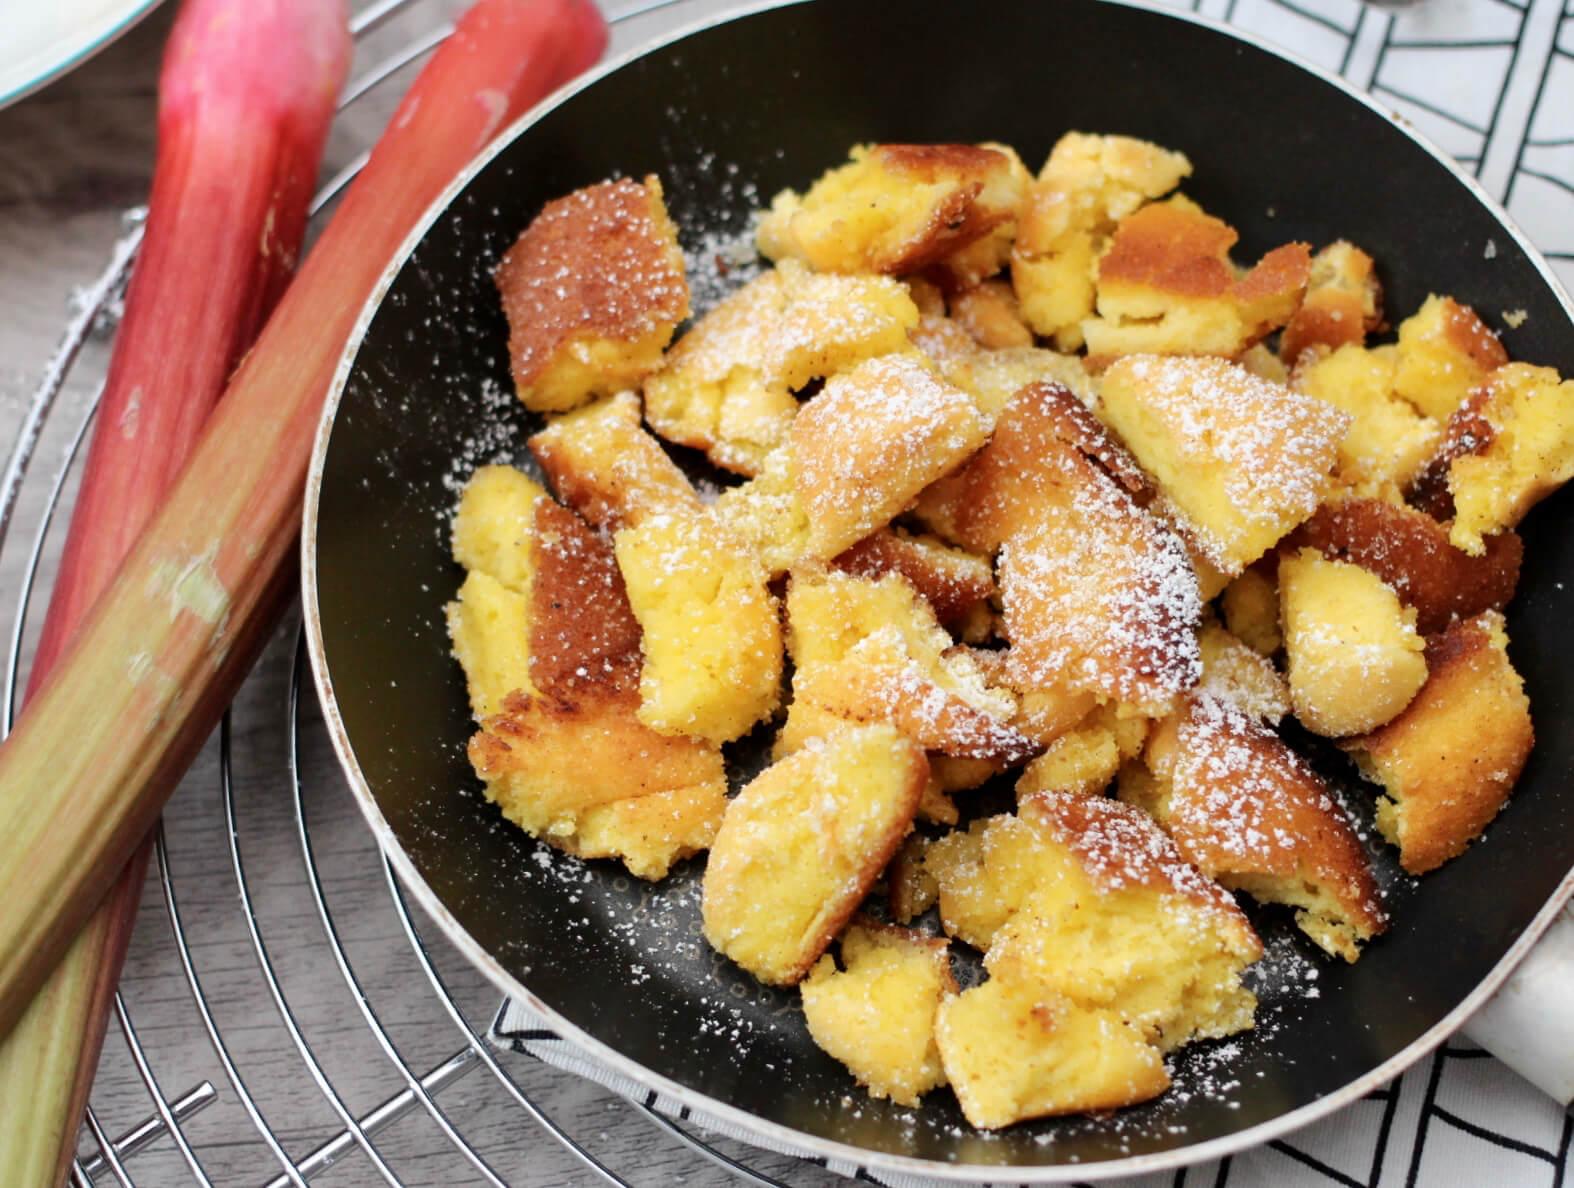 Rezept für Erdbeer-Rhabarber Kompott mit Kaiserschmarrn